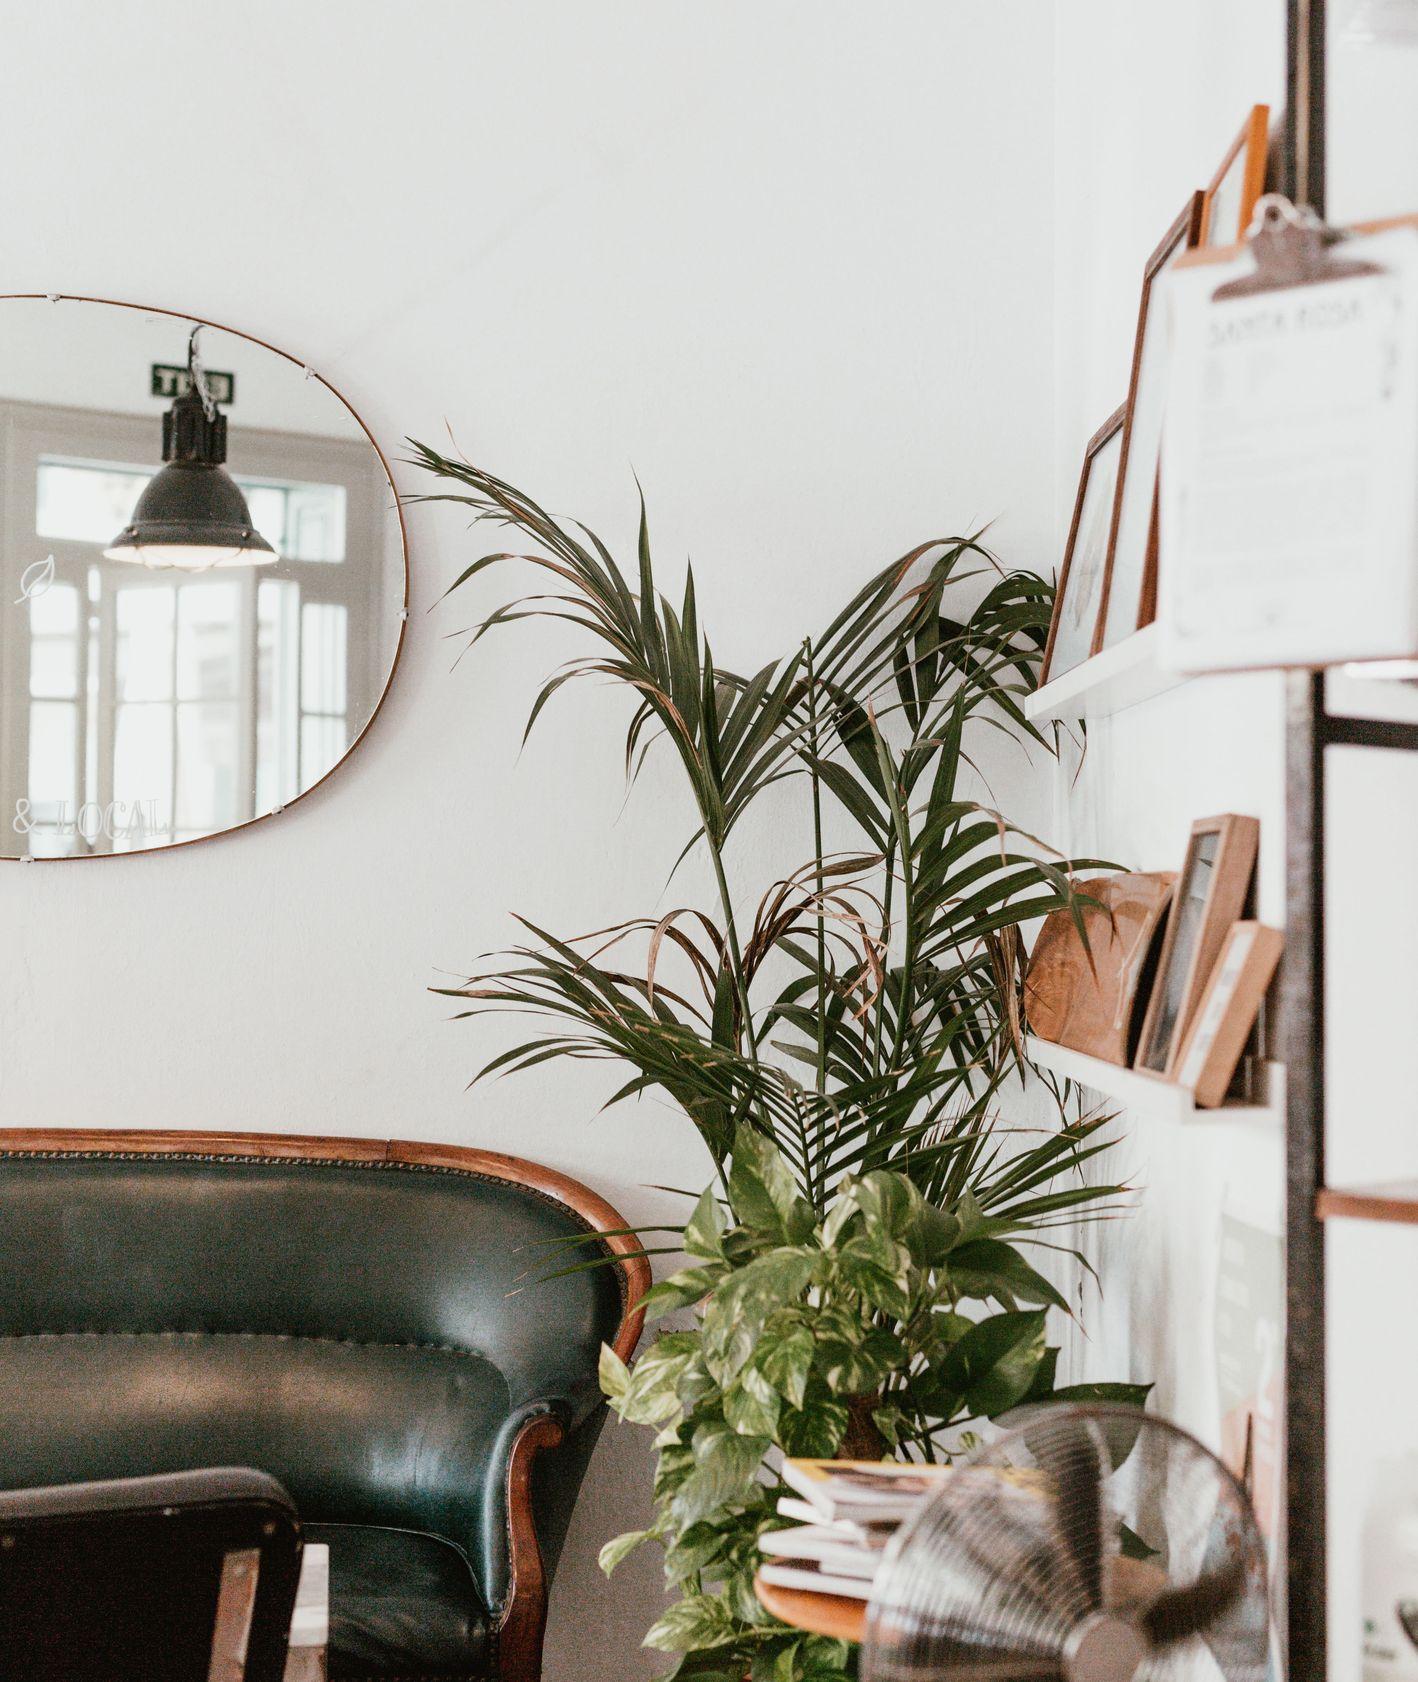 mieszkanie z roślinami doniczkowymi (fot. Marten Bjork / unsplash.com)